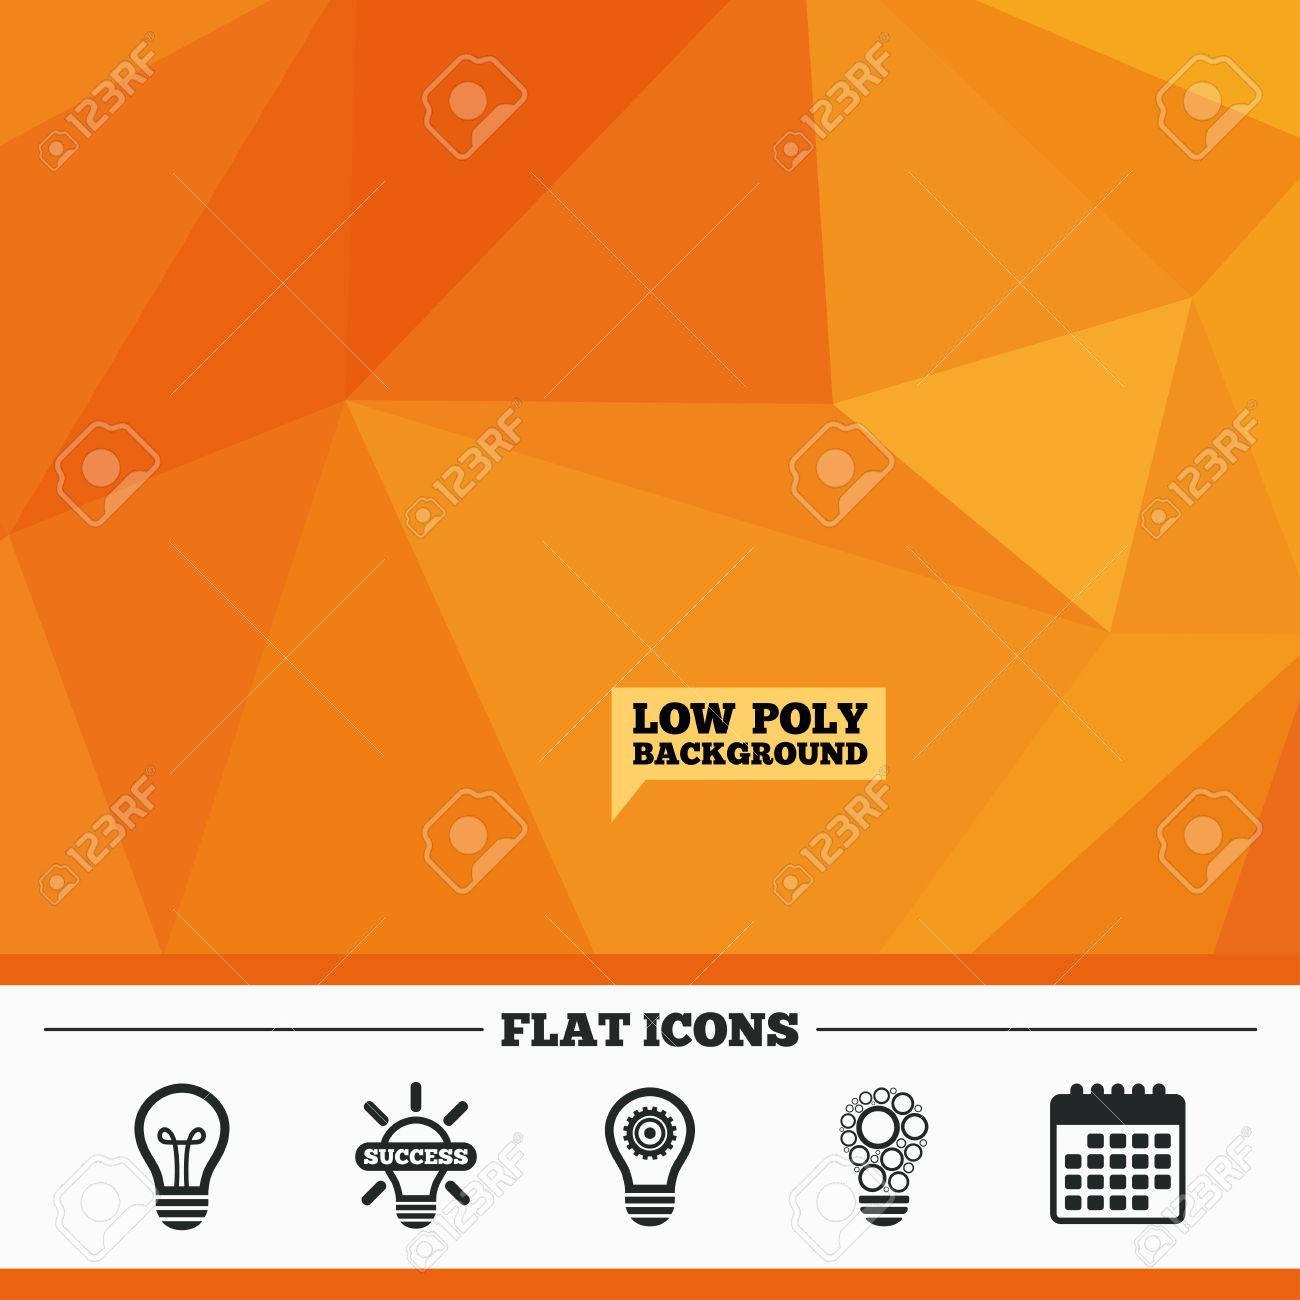 Triangulaire à faible fond poly orange  Icônes de la lampe d'éclairage   Cercles symboles d'ampoule de lampe  Économie d'énergie avec engrenage à